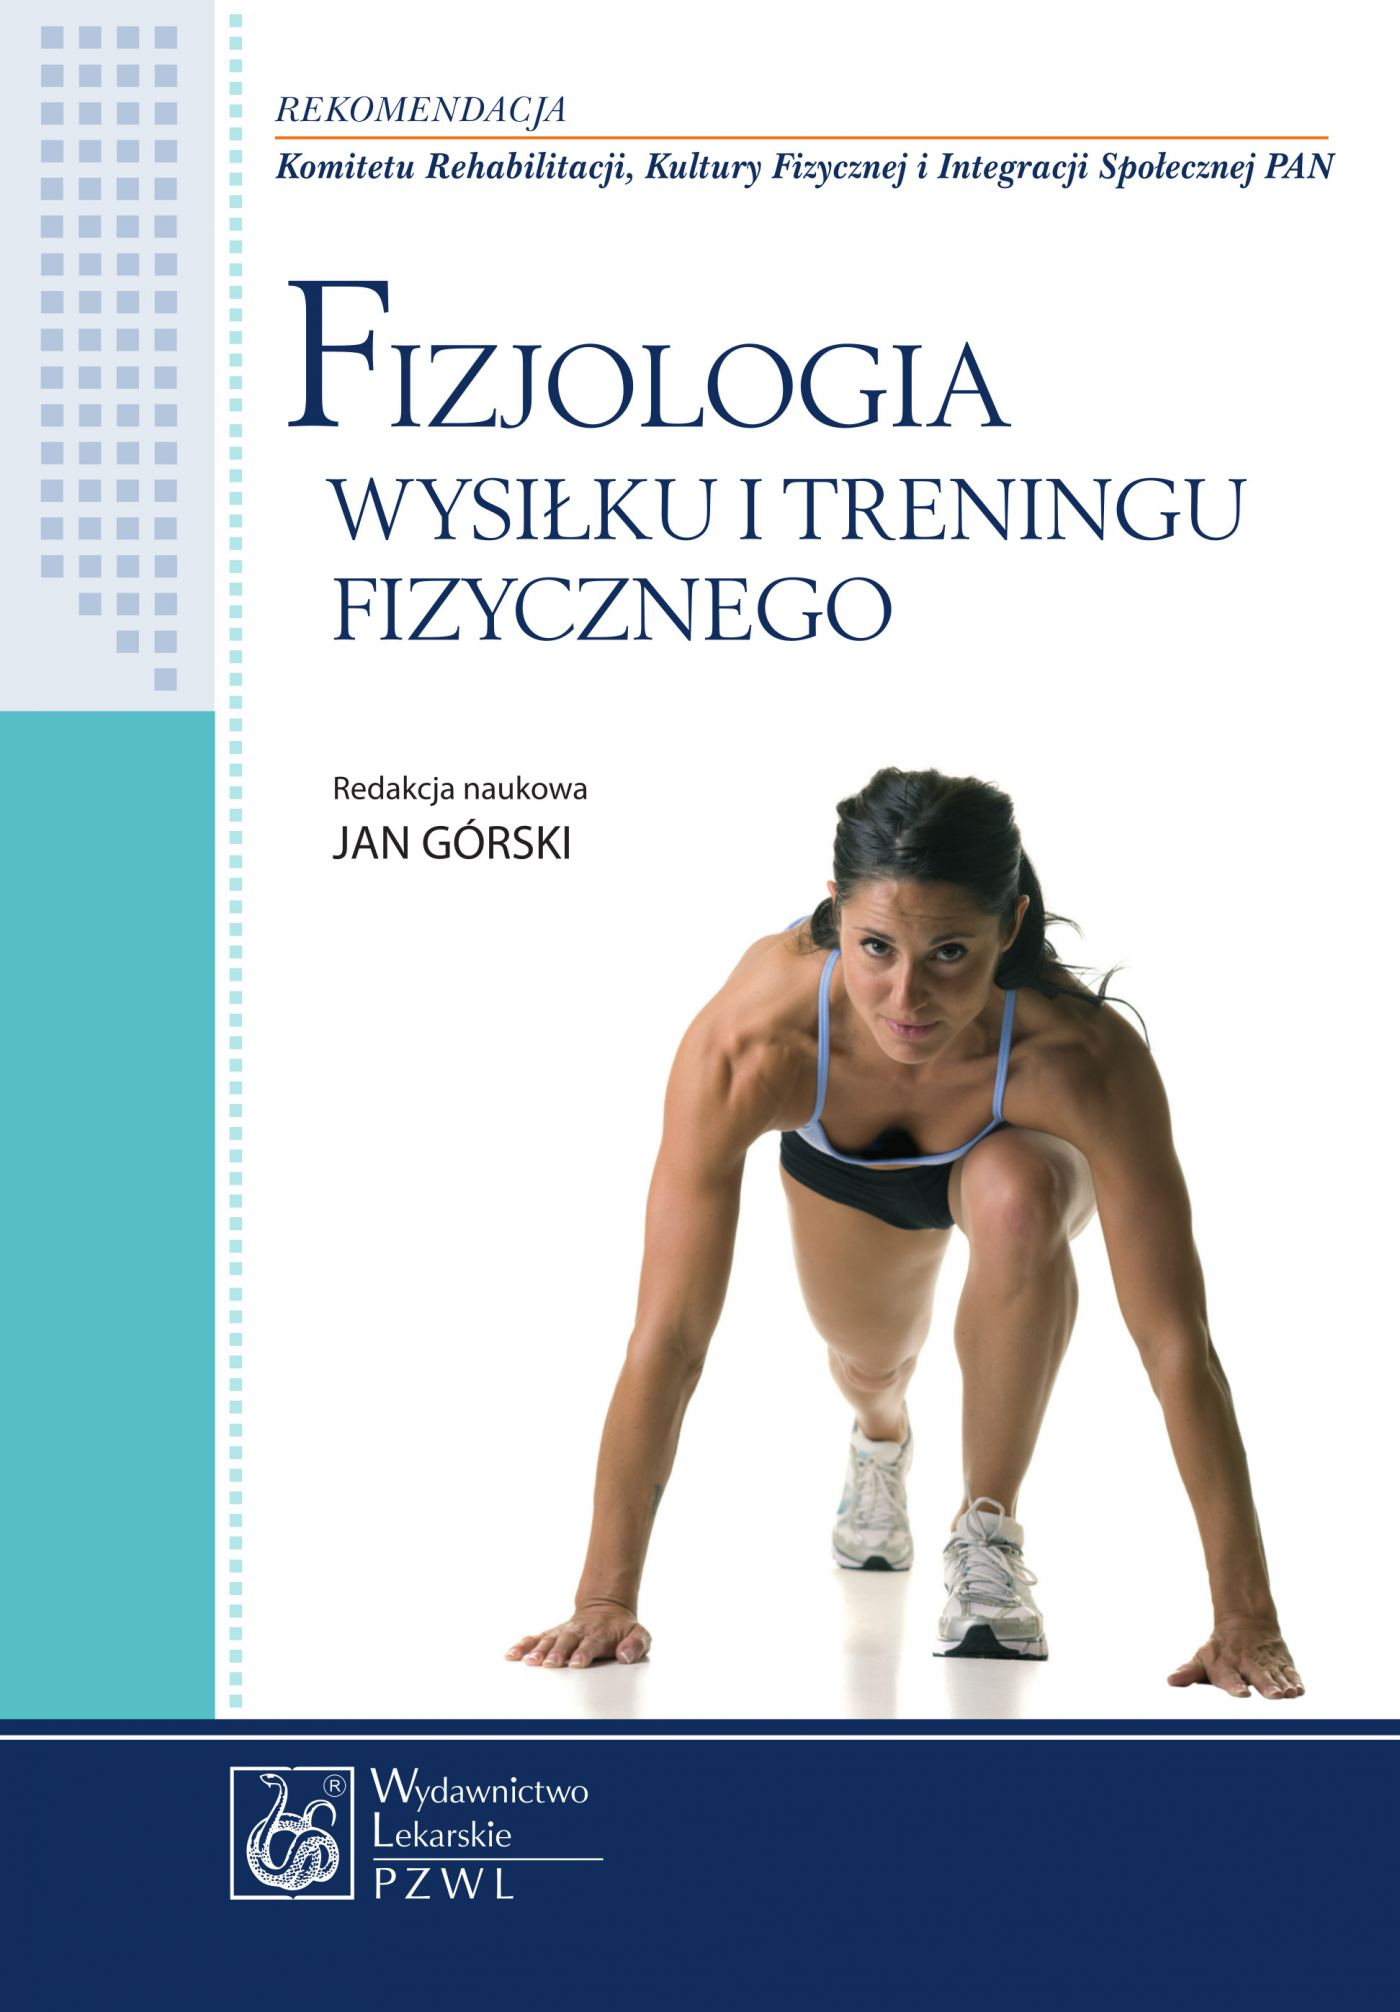 Fizjologia wysiłku i treningu fizycznego - Ebook (Książka EPUB) do pobrania w formacie EPUB